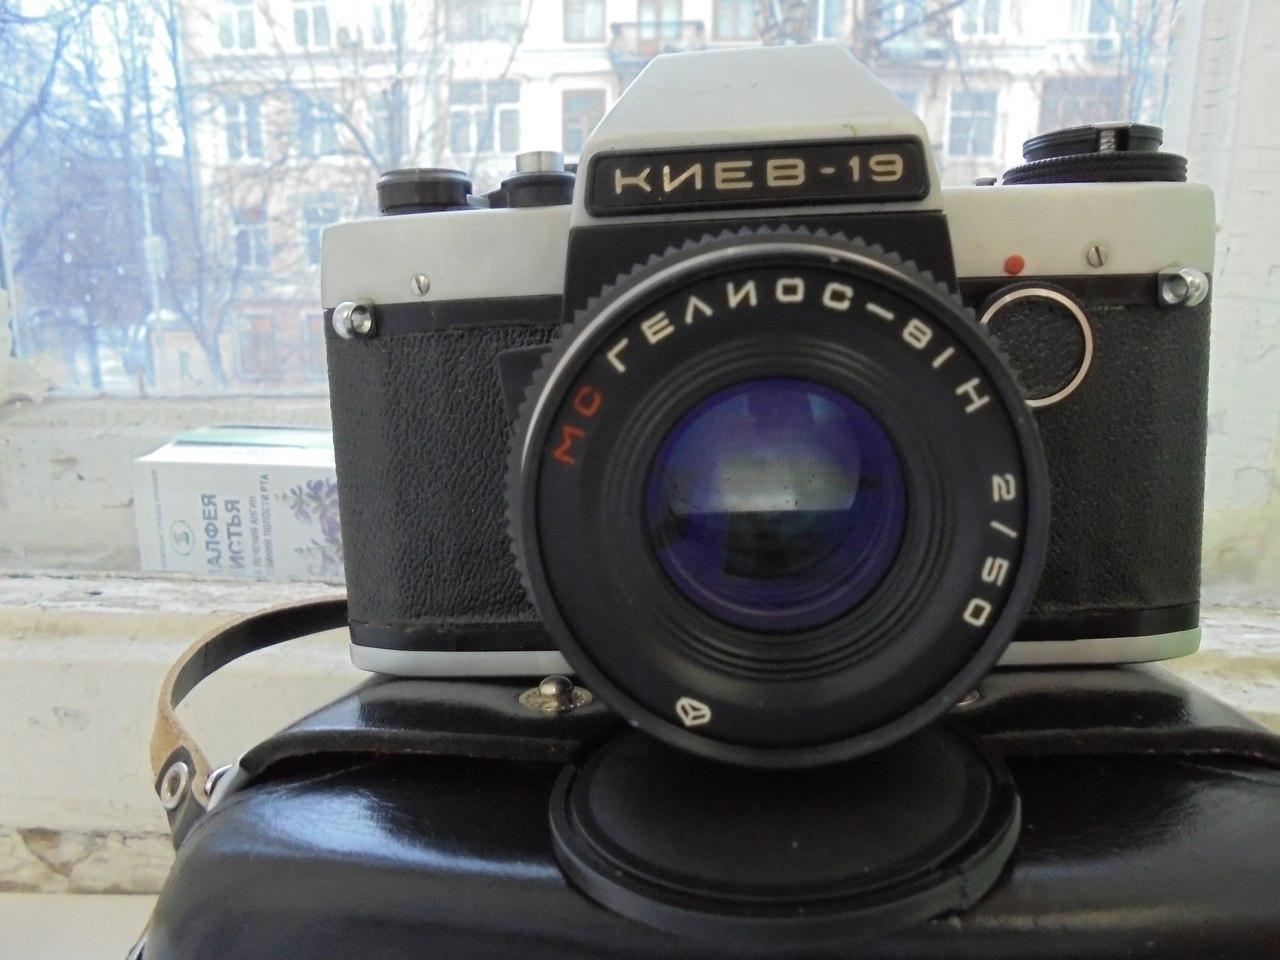 Ремонт фотокамер olimpys в городе киев - ремонт в Москве гравировка клавиатуры macbook минск - ремонт в Москве